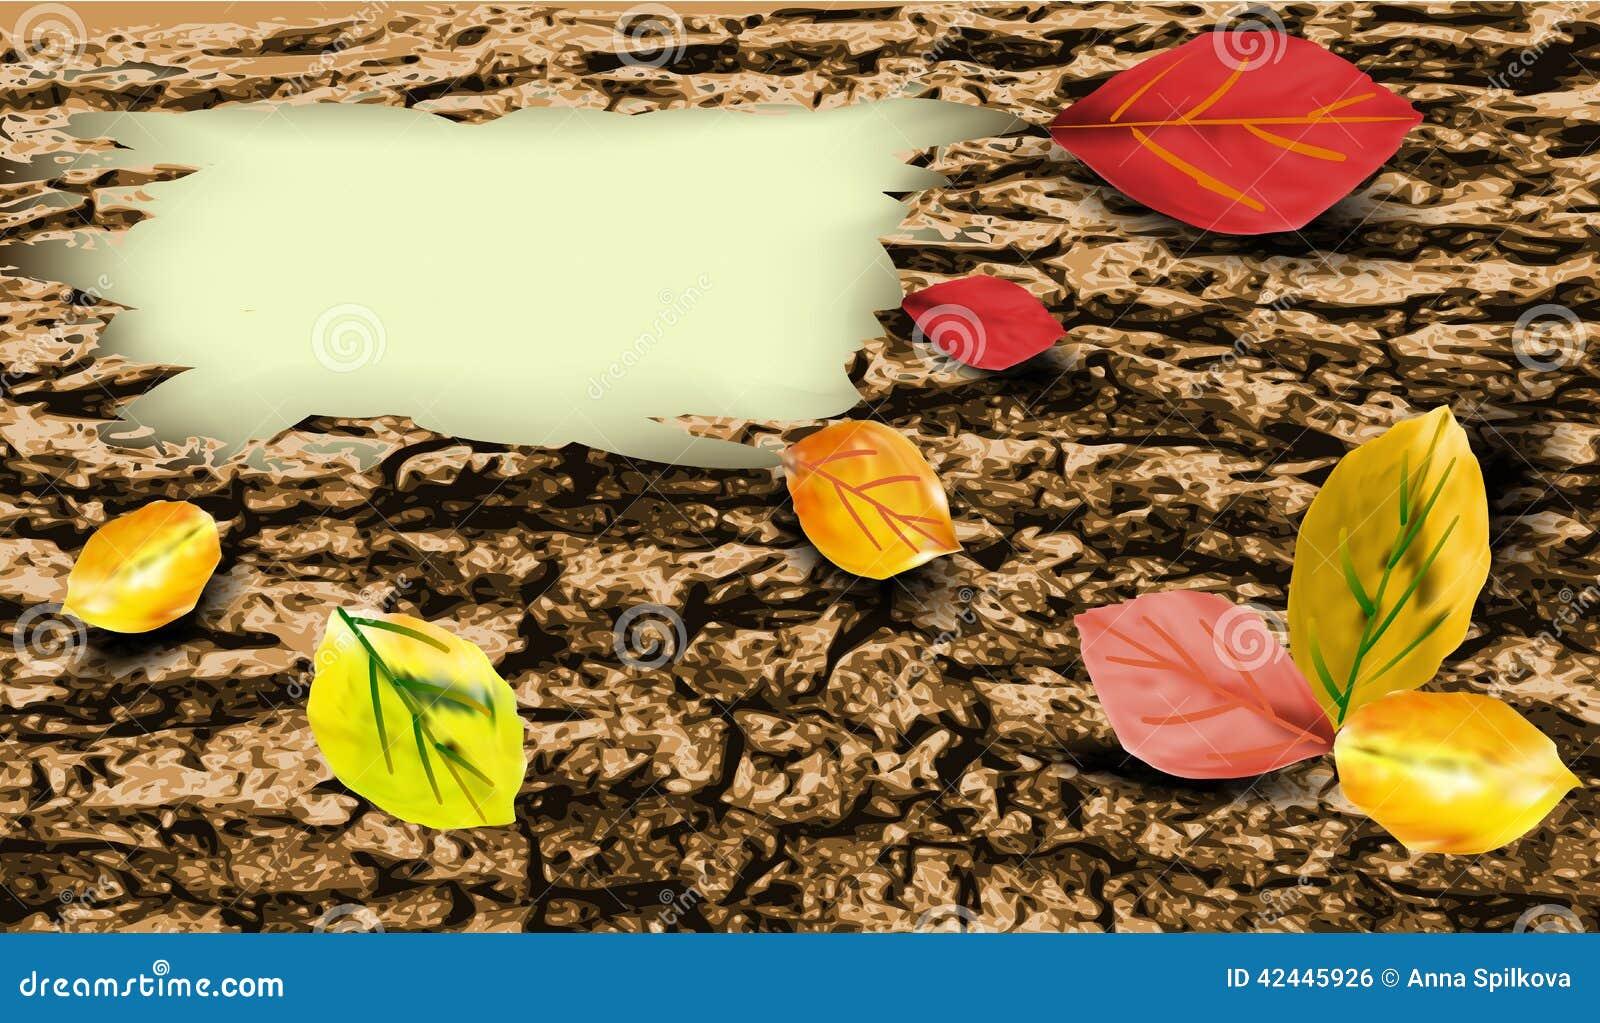 Fondo de la corteza de árbol con licencia de otoño colorida